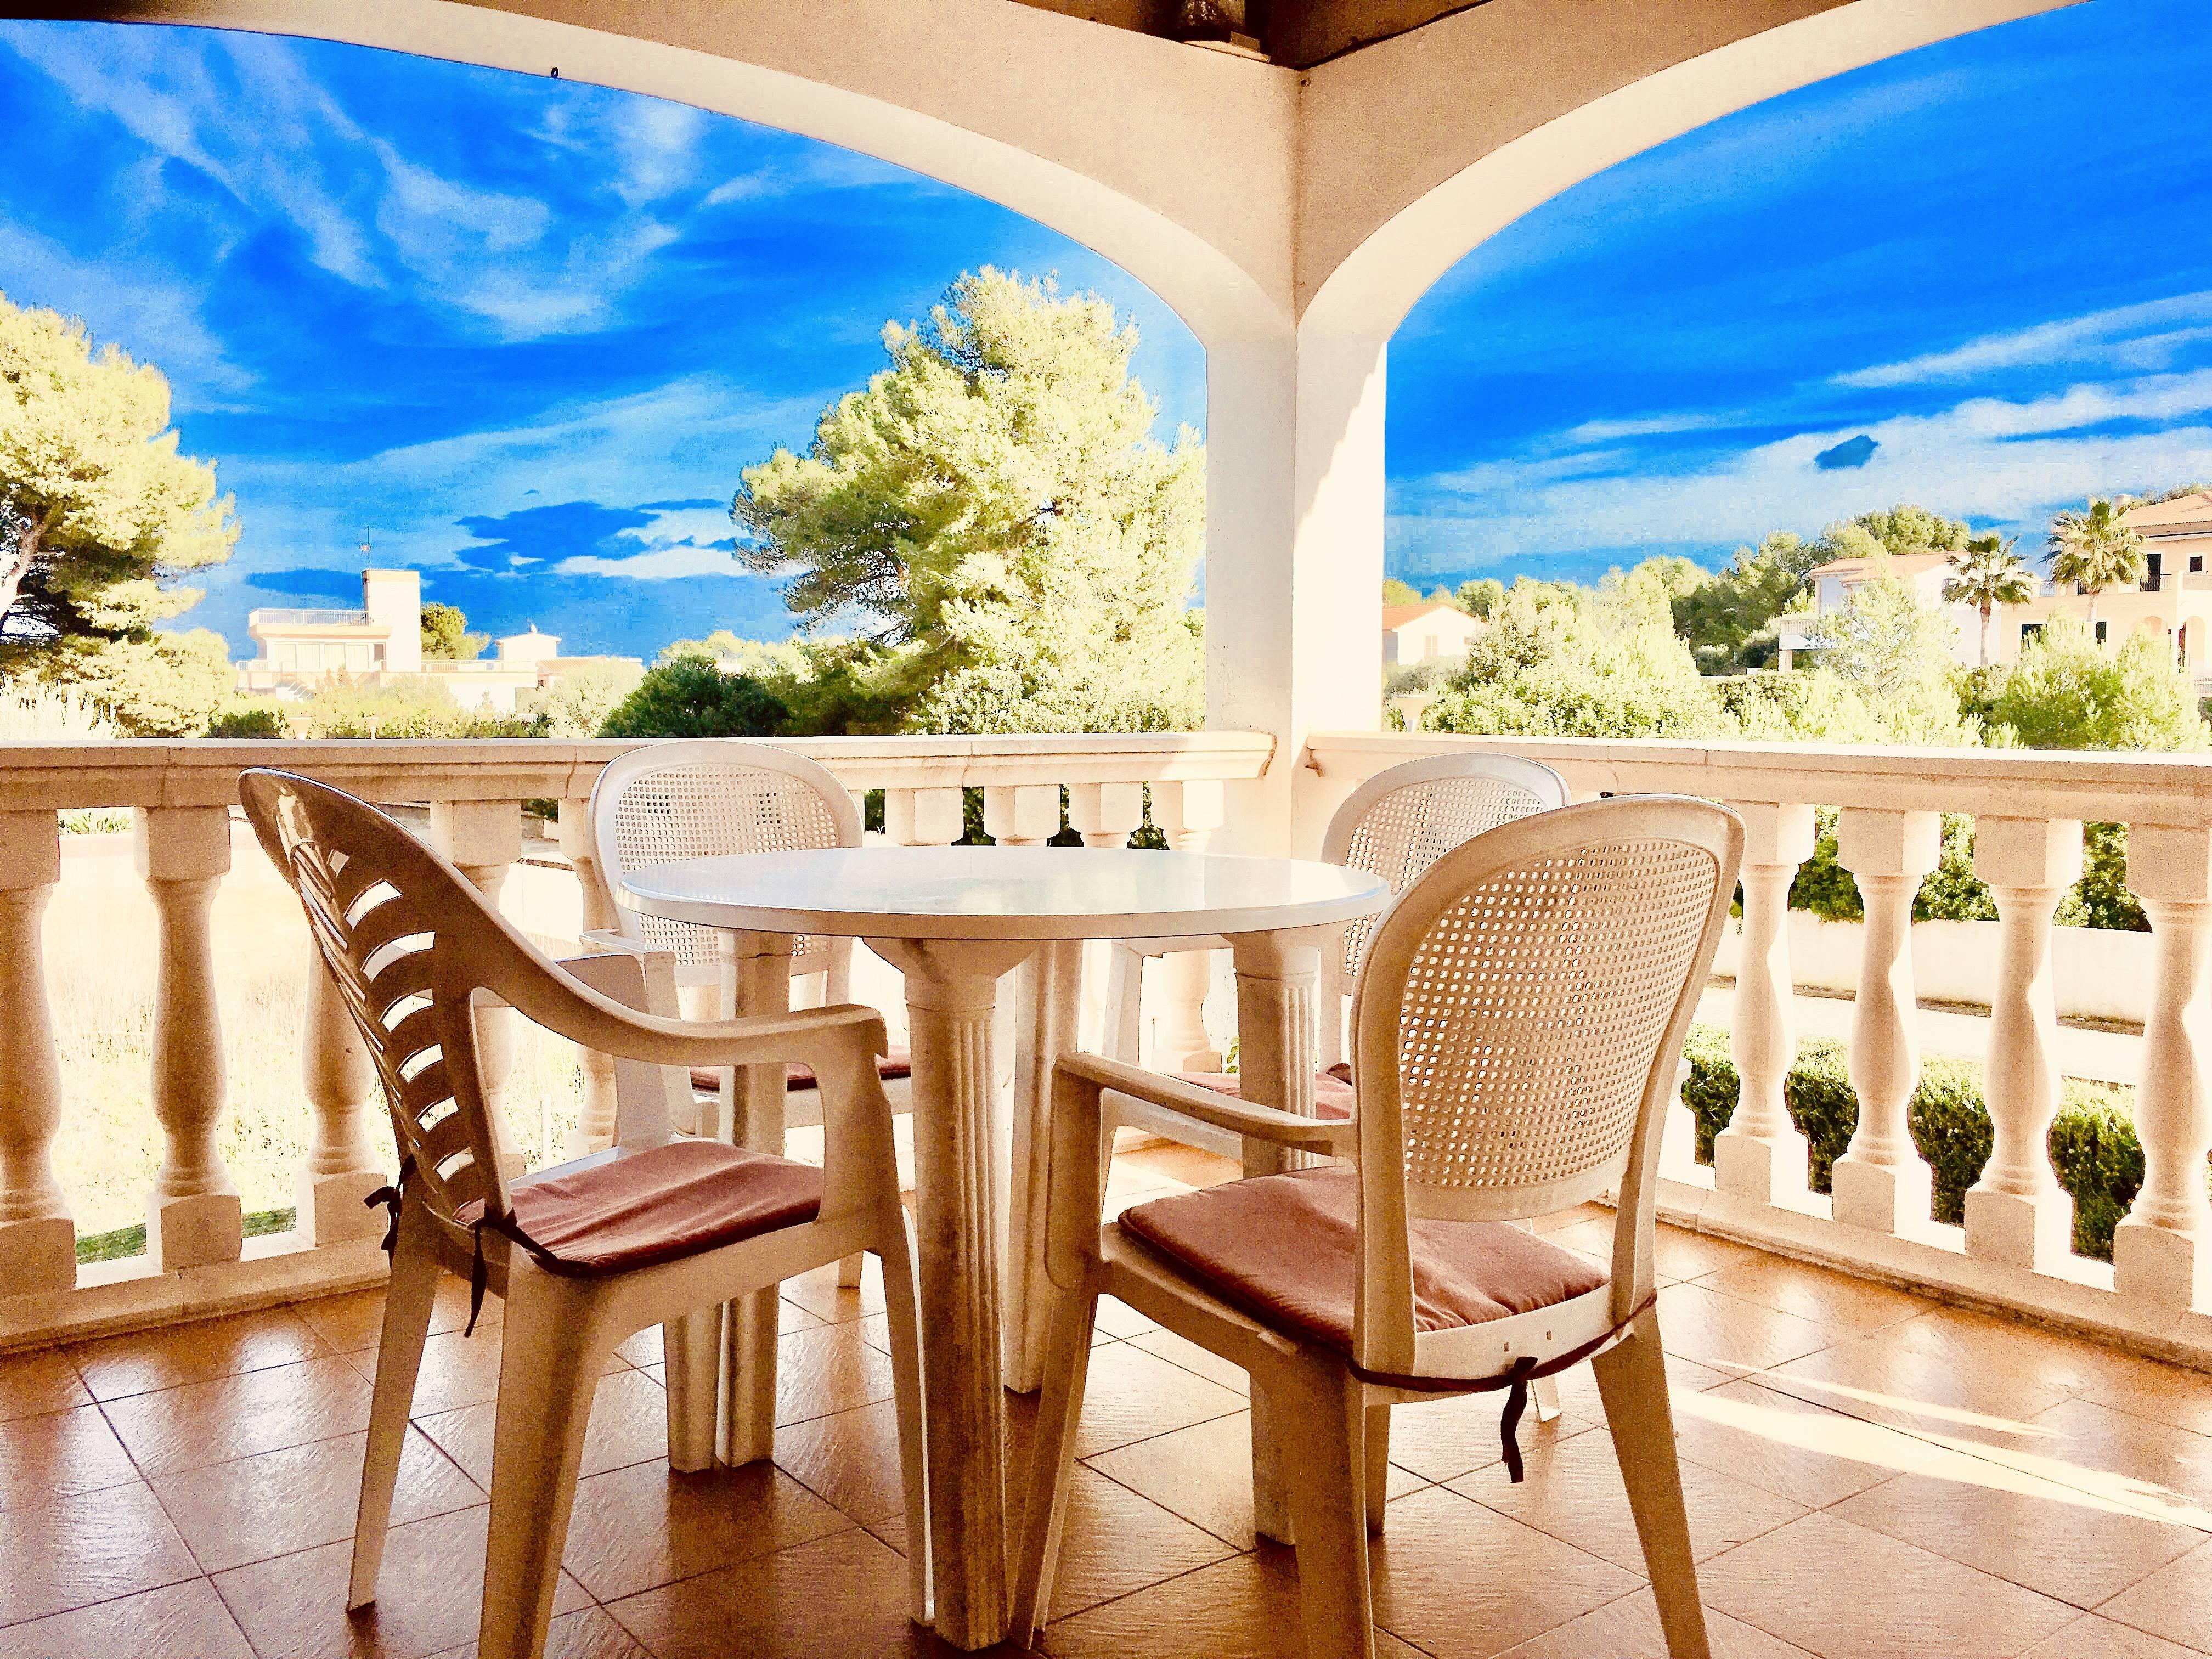 64b2a4d67bb38 Alquiler apartamentos vacacionales en Son Serra de Marina - Santa Margalida  y casas rurales